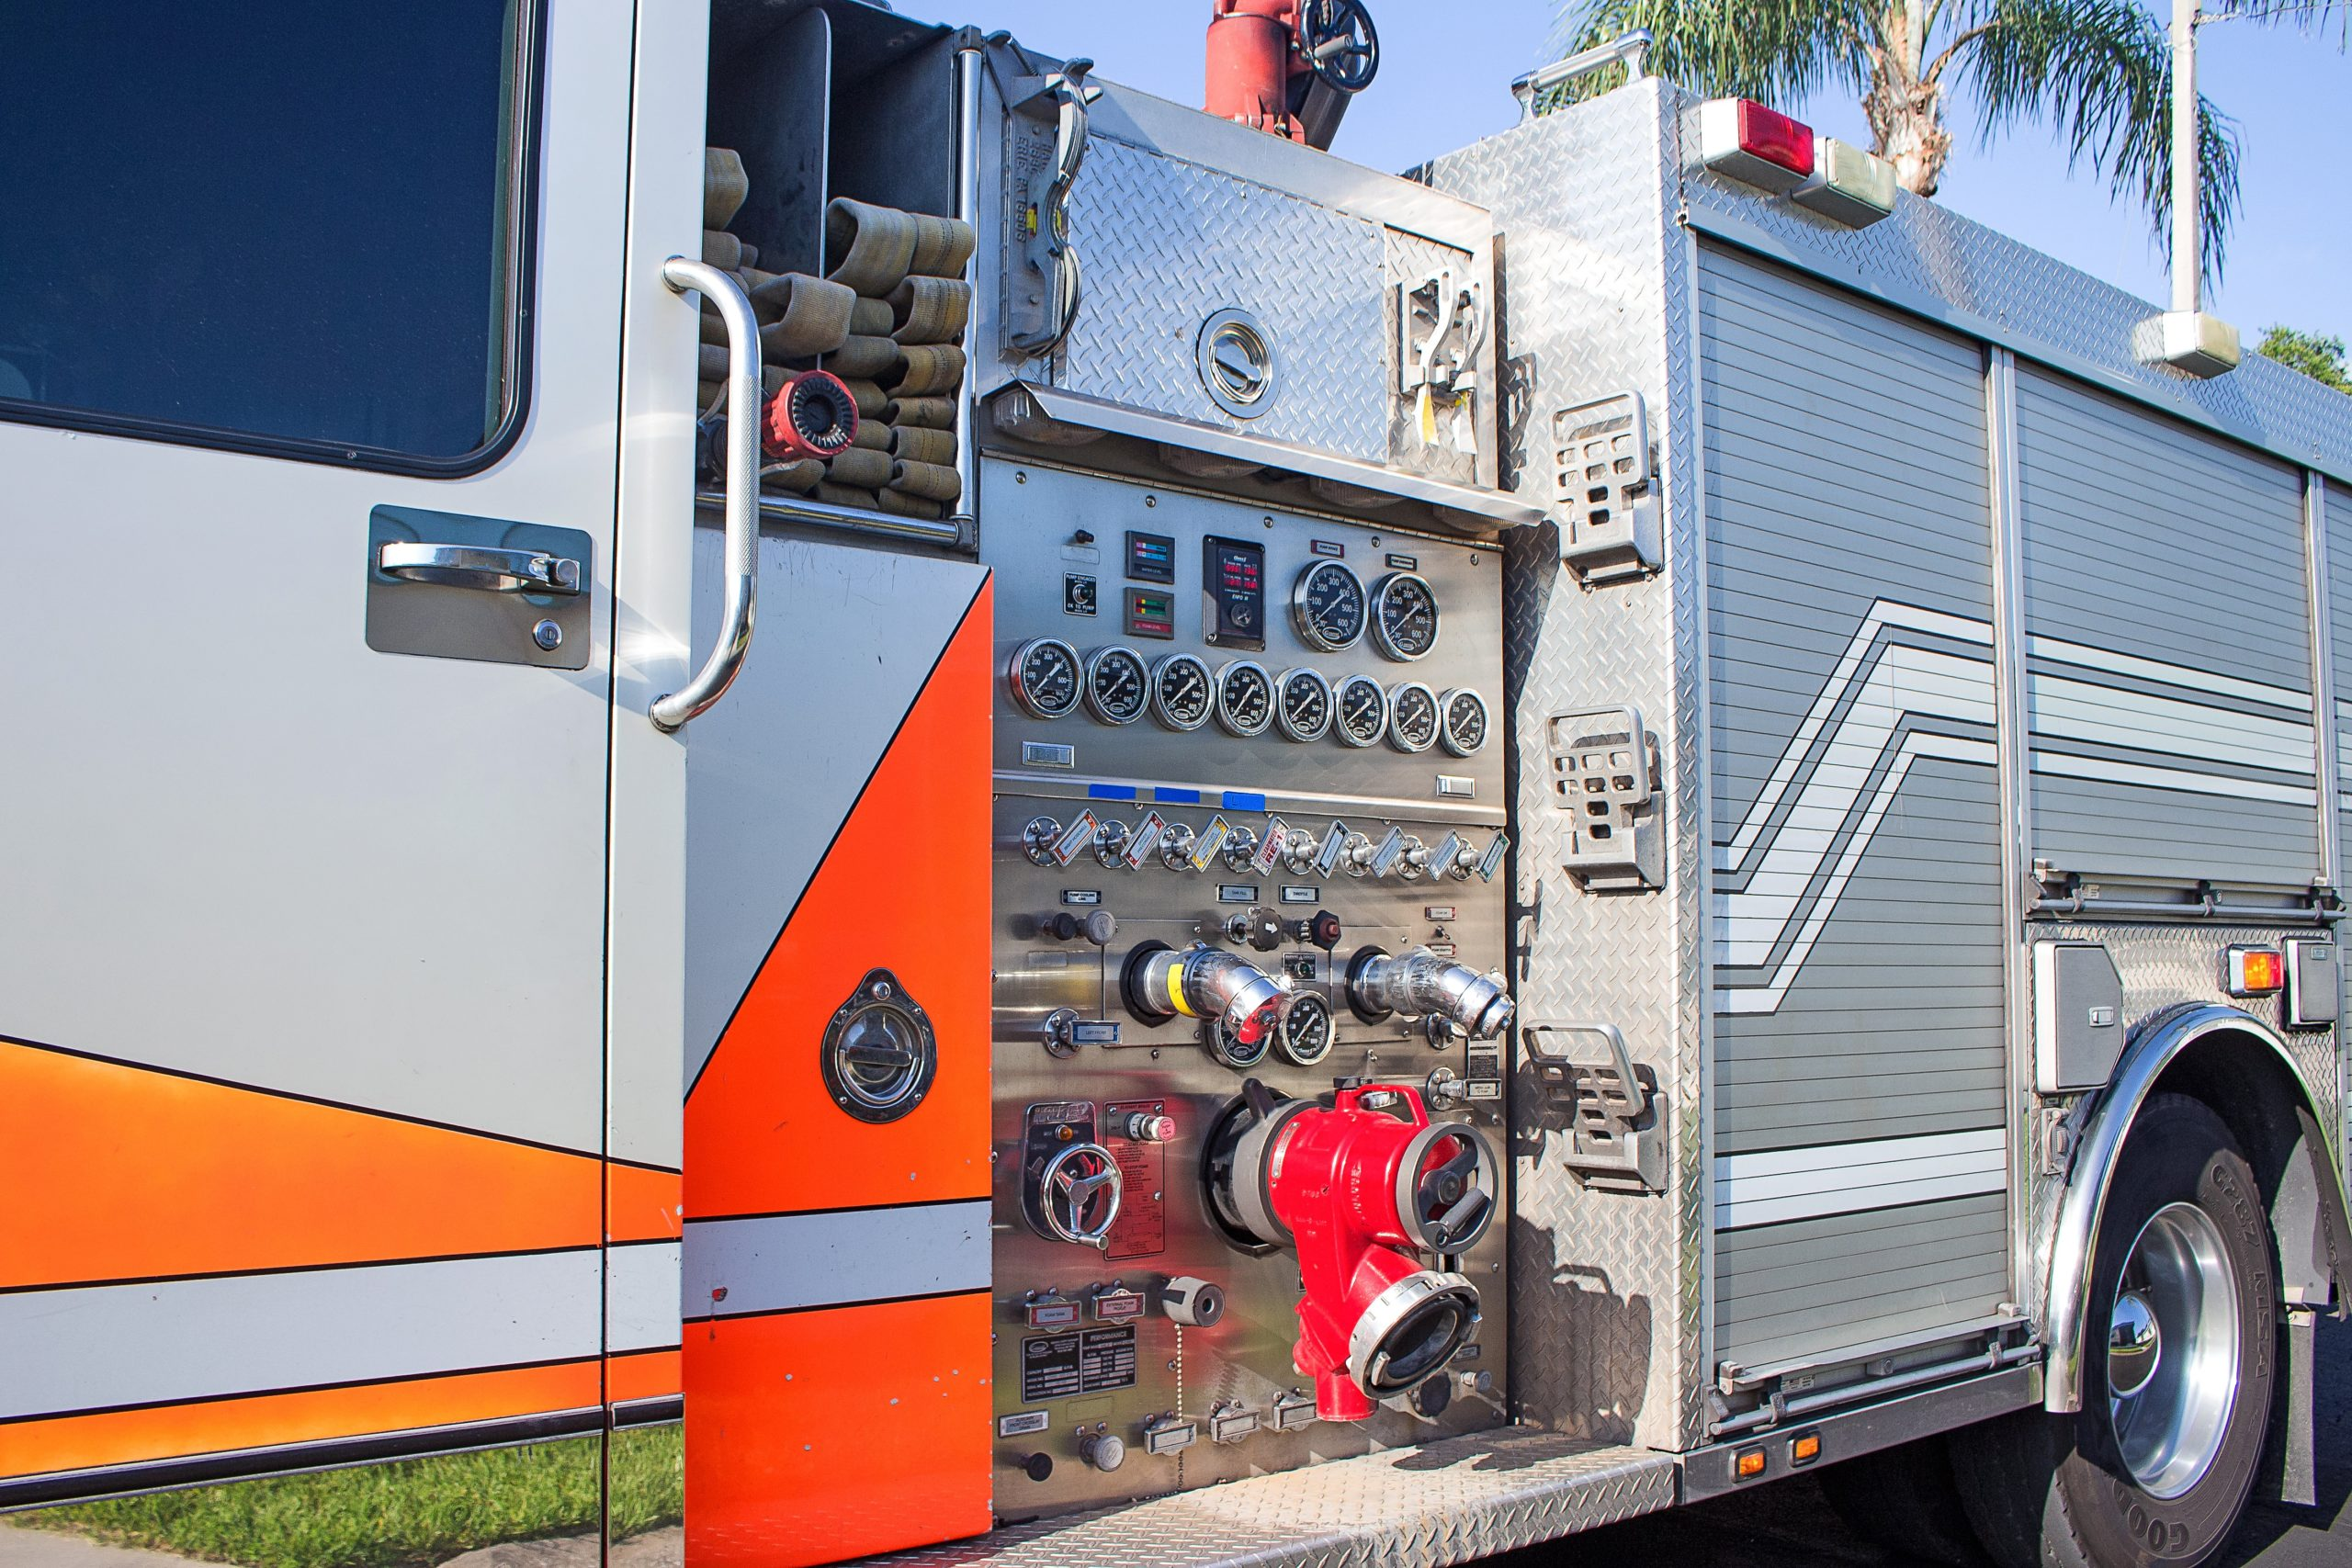 Firefighters Control Carbon Monoxide Leak